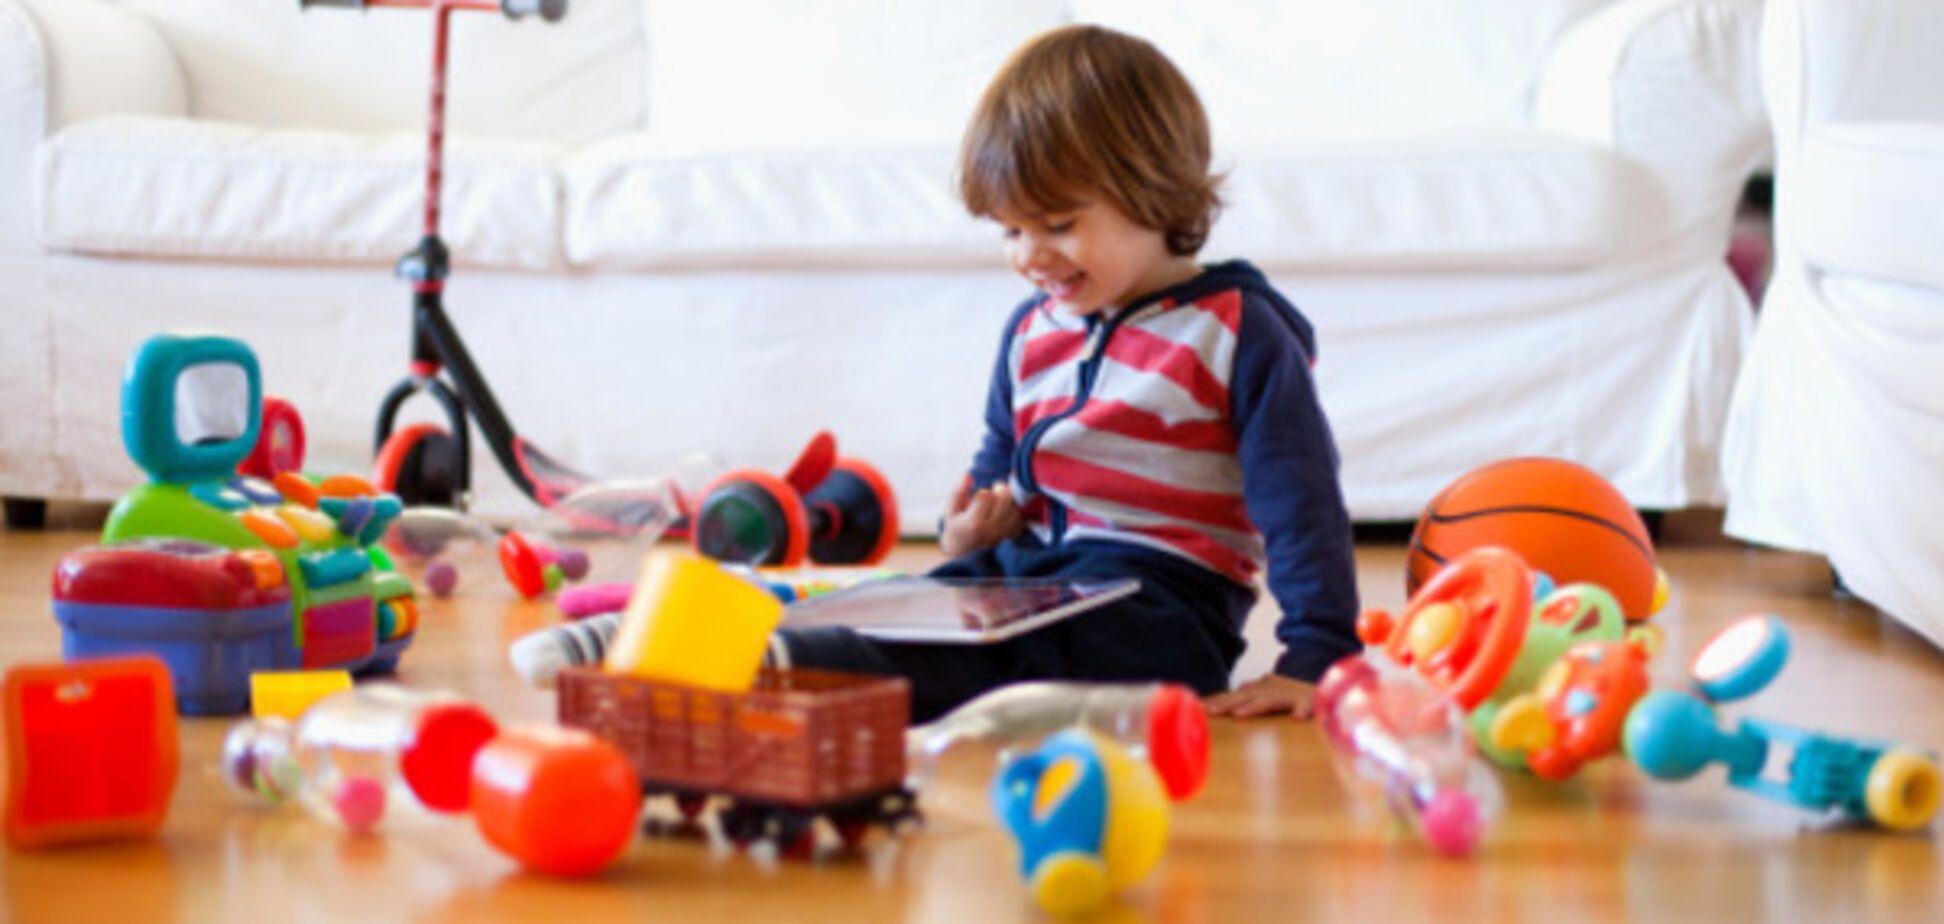 Какую угрозу несут новые детские игрушки: о самых громких инцидентах